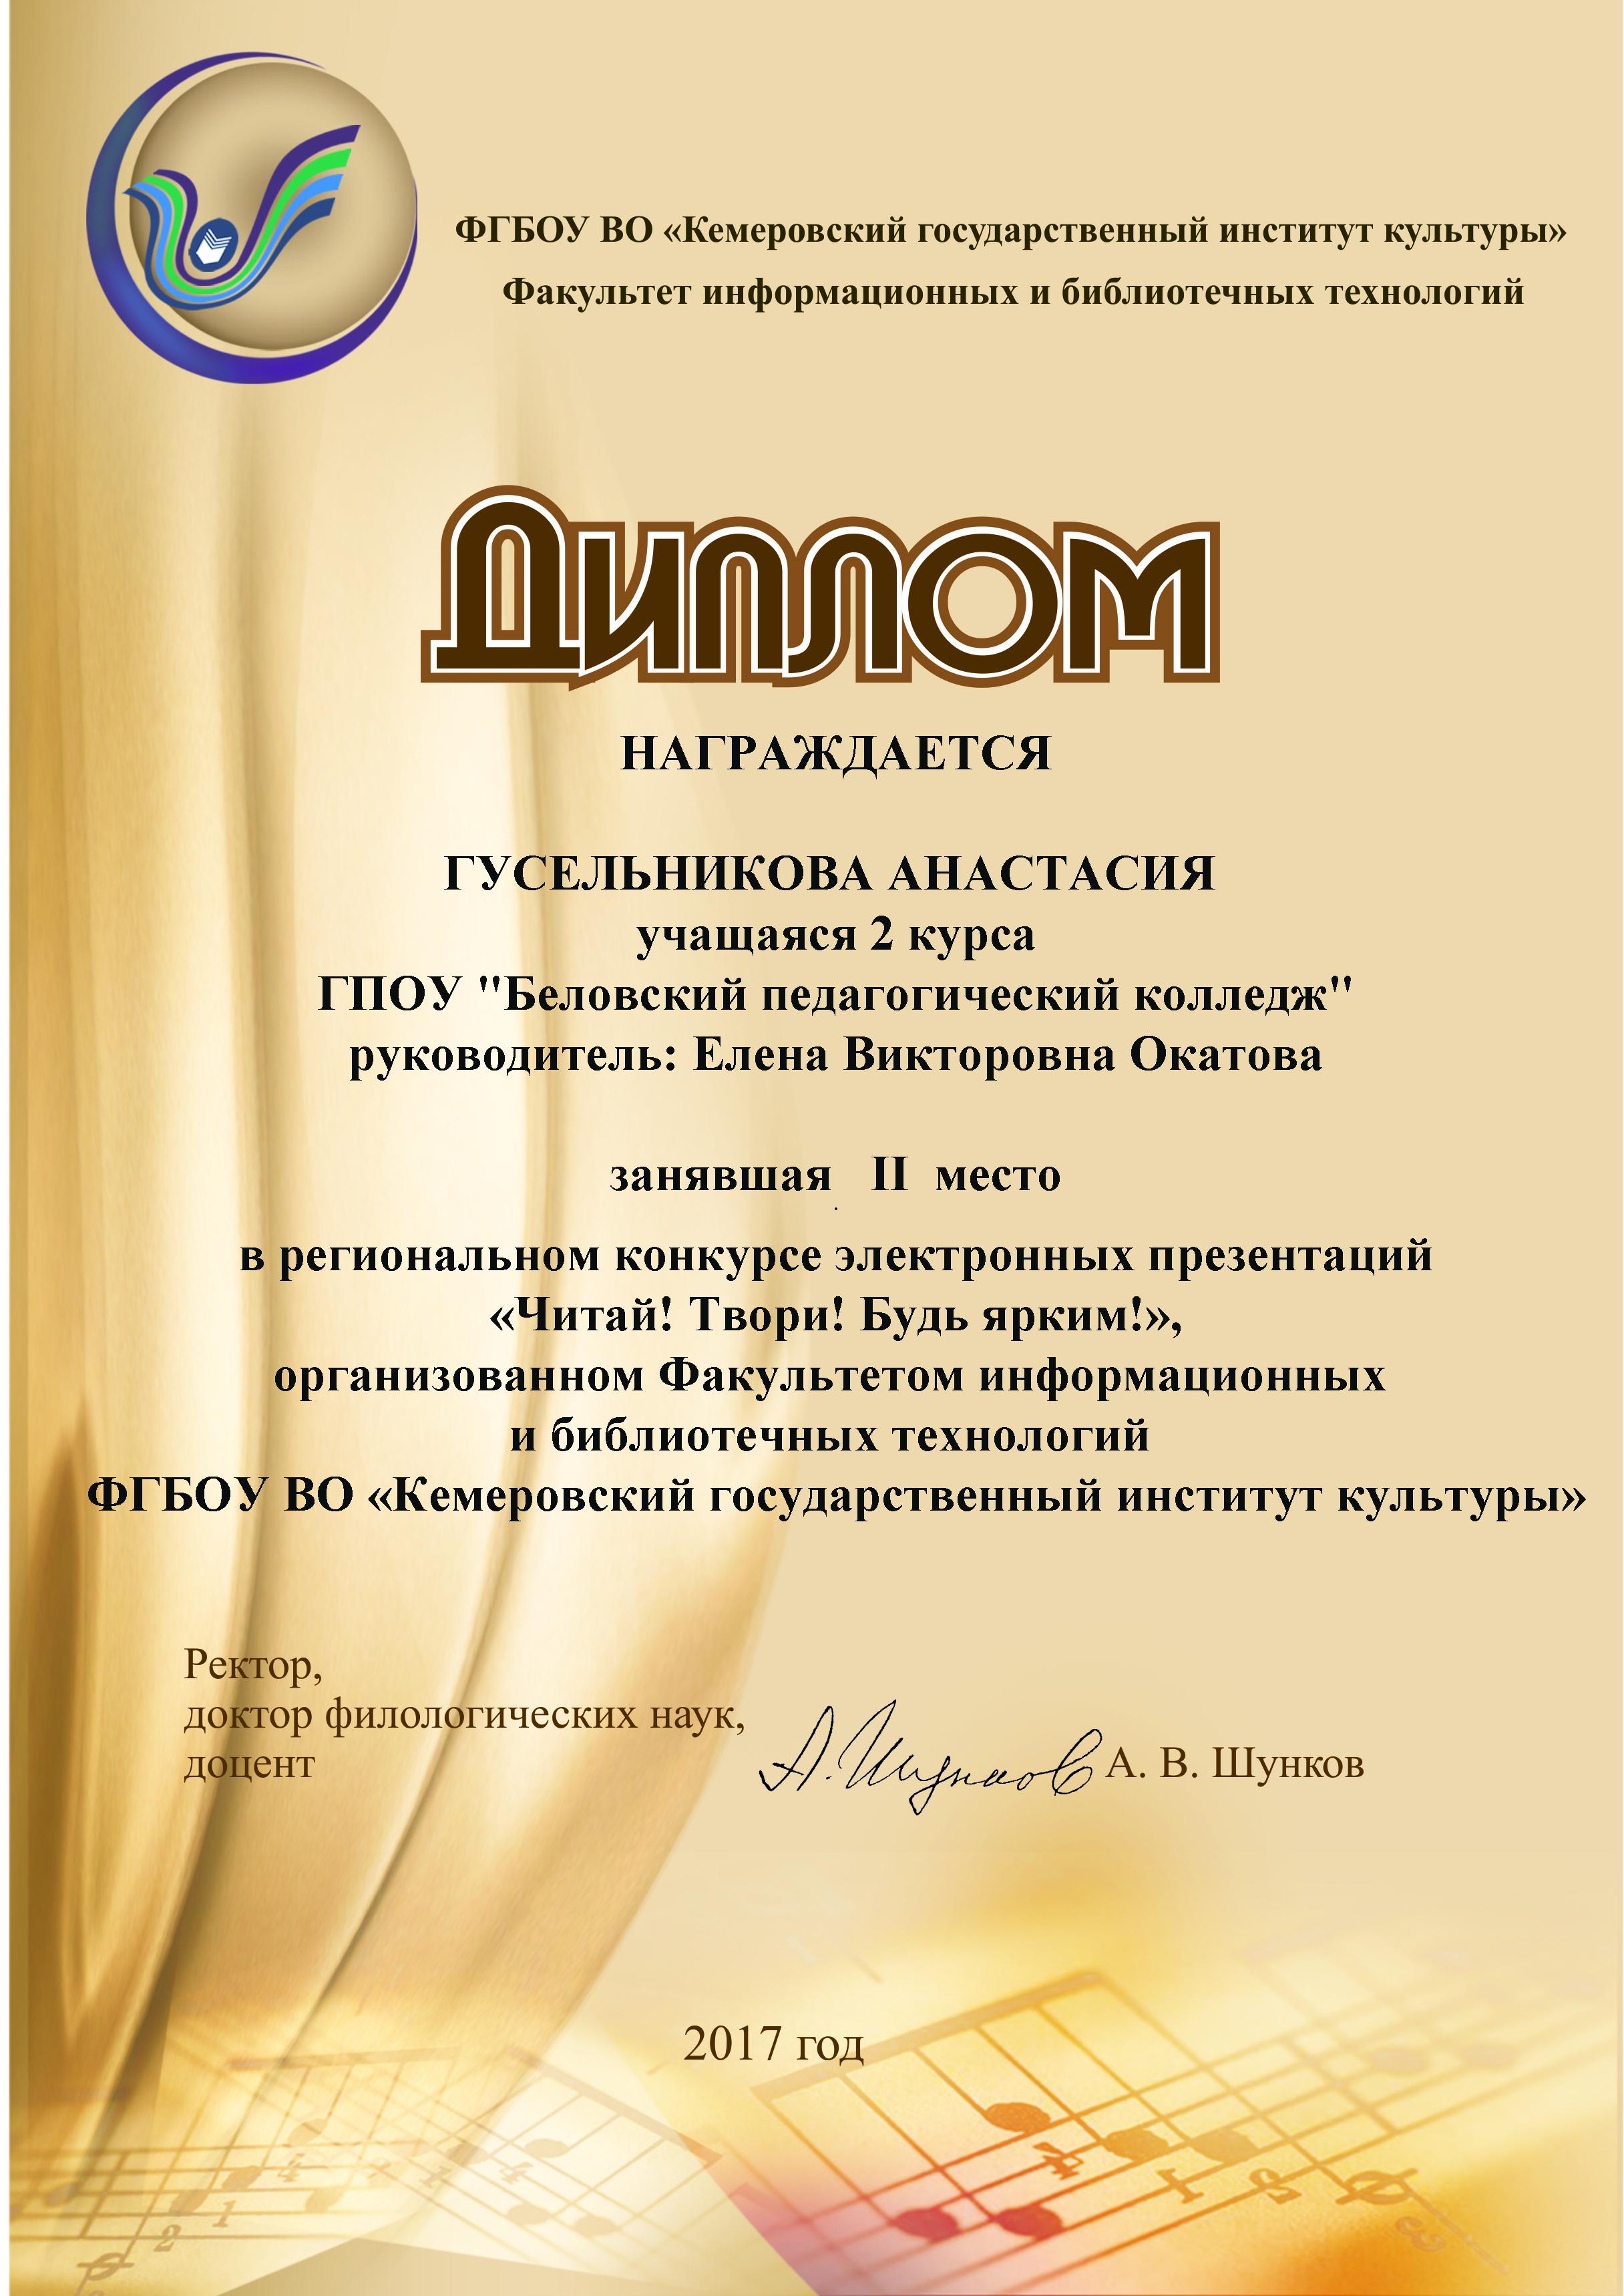 Институт культуры поздравления